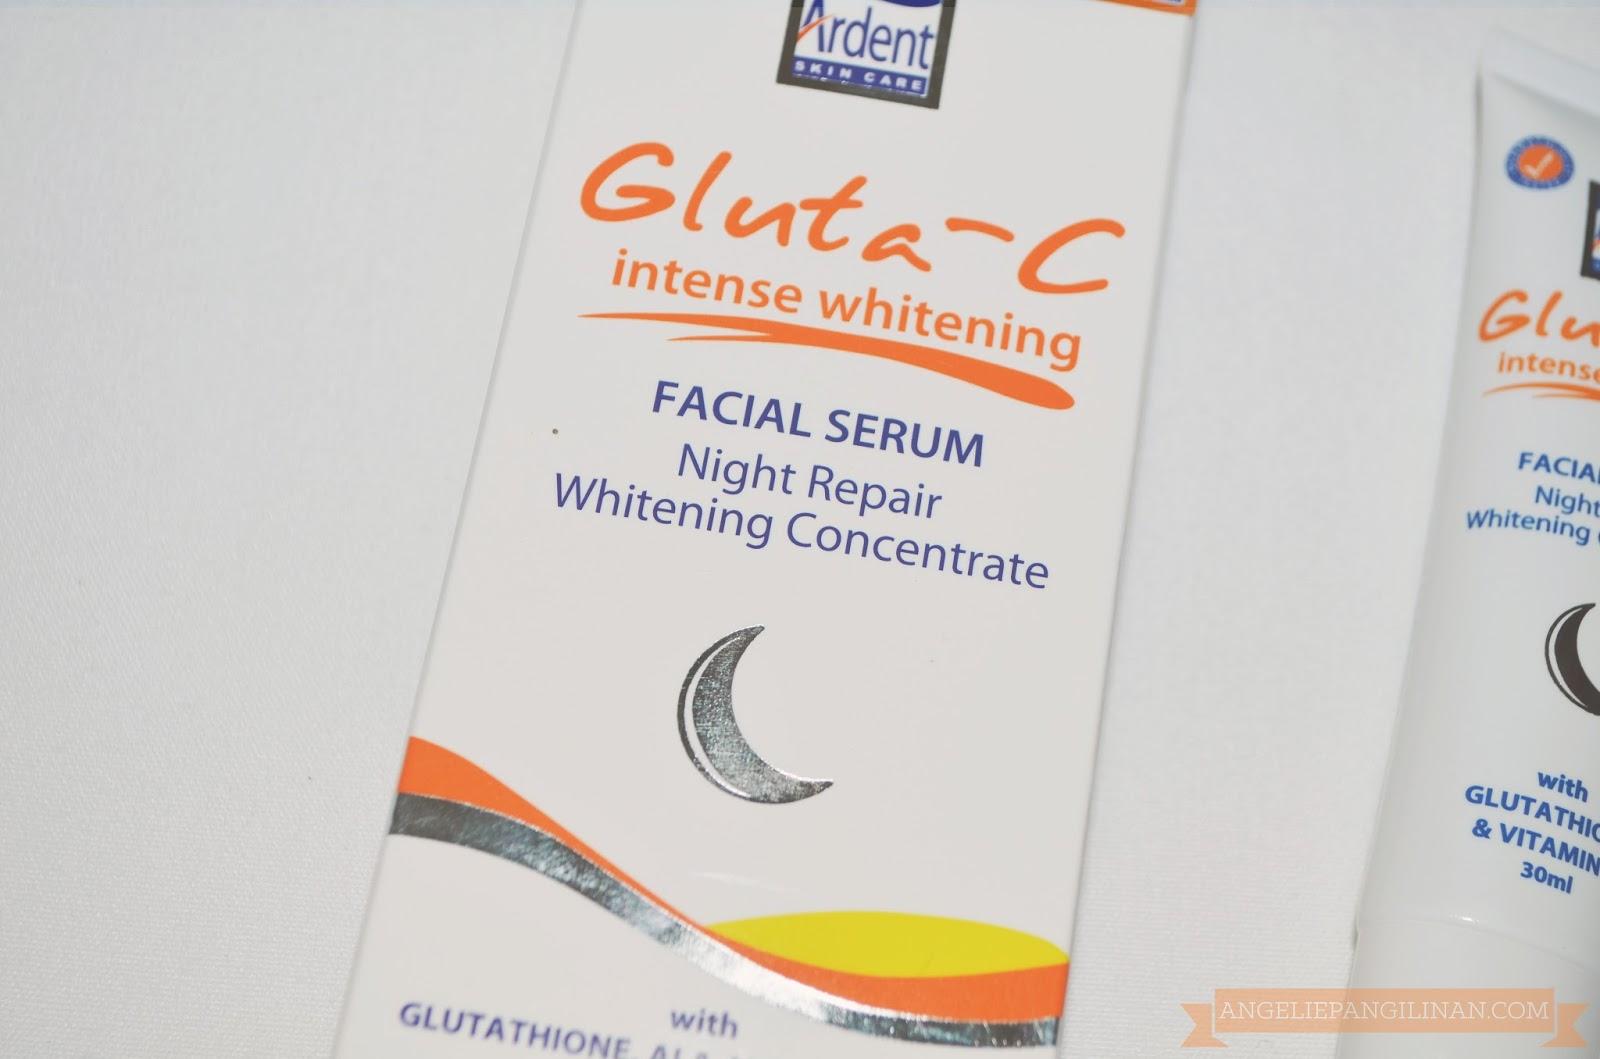 Gluta C Intense Whitening Facial Serum review